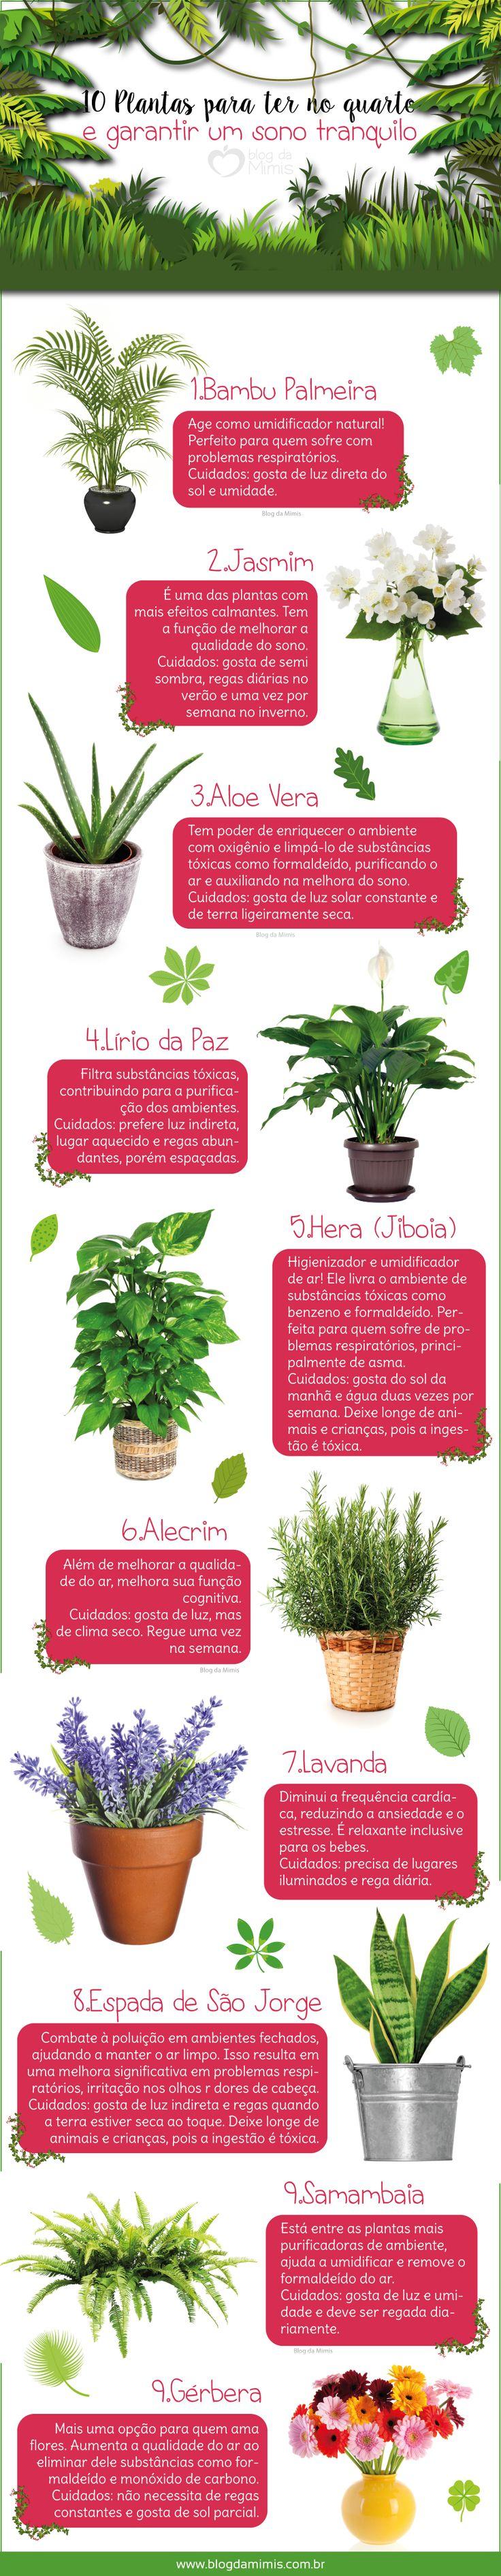 10 Plantas para ter no quarto e garantir um sono tranquilo - Blog da Mimis #plantas #quarto #decoração #arpuro #limpeza #sono #dormir #tranquilidade #sleep #quiet #soothe #plants #bedroom